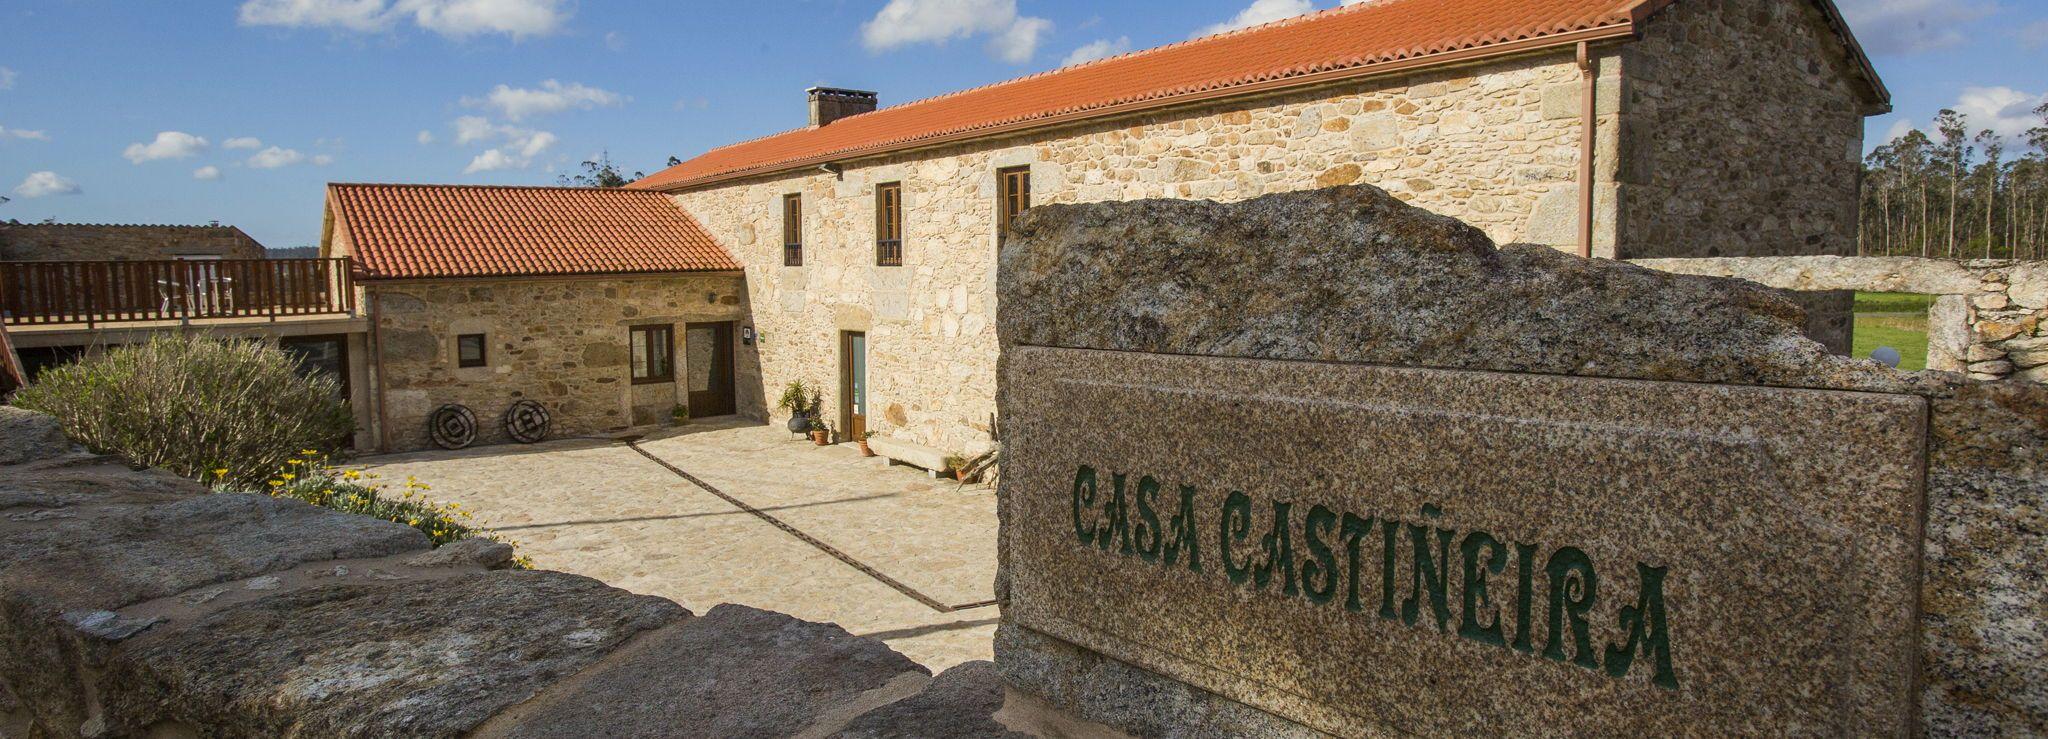 Casa Castiñeira Hotel Casa Rural Con Piscina Muxía Costa Da Morte A Coruña Turismo Rural Costa Da Morte Vacaciones Familiares